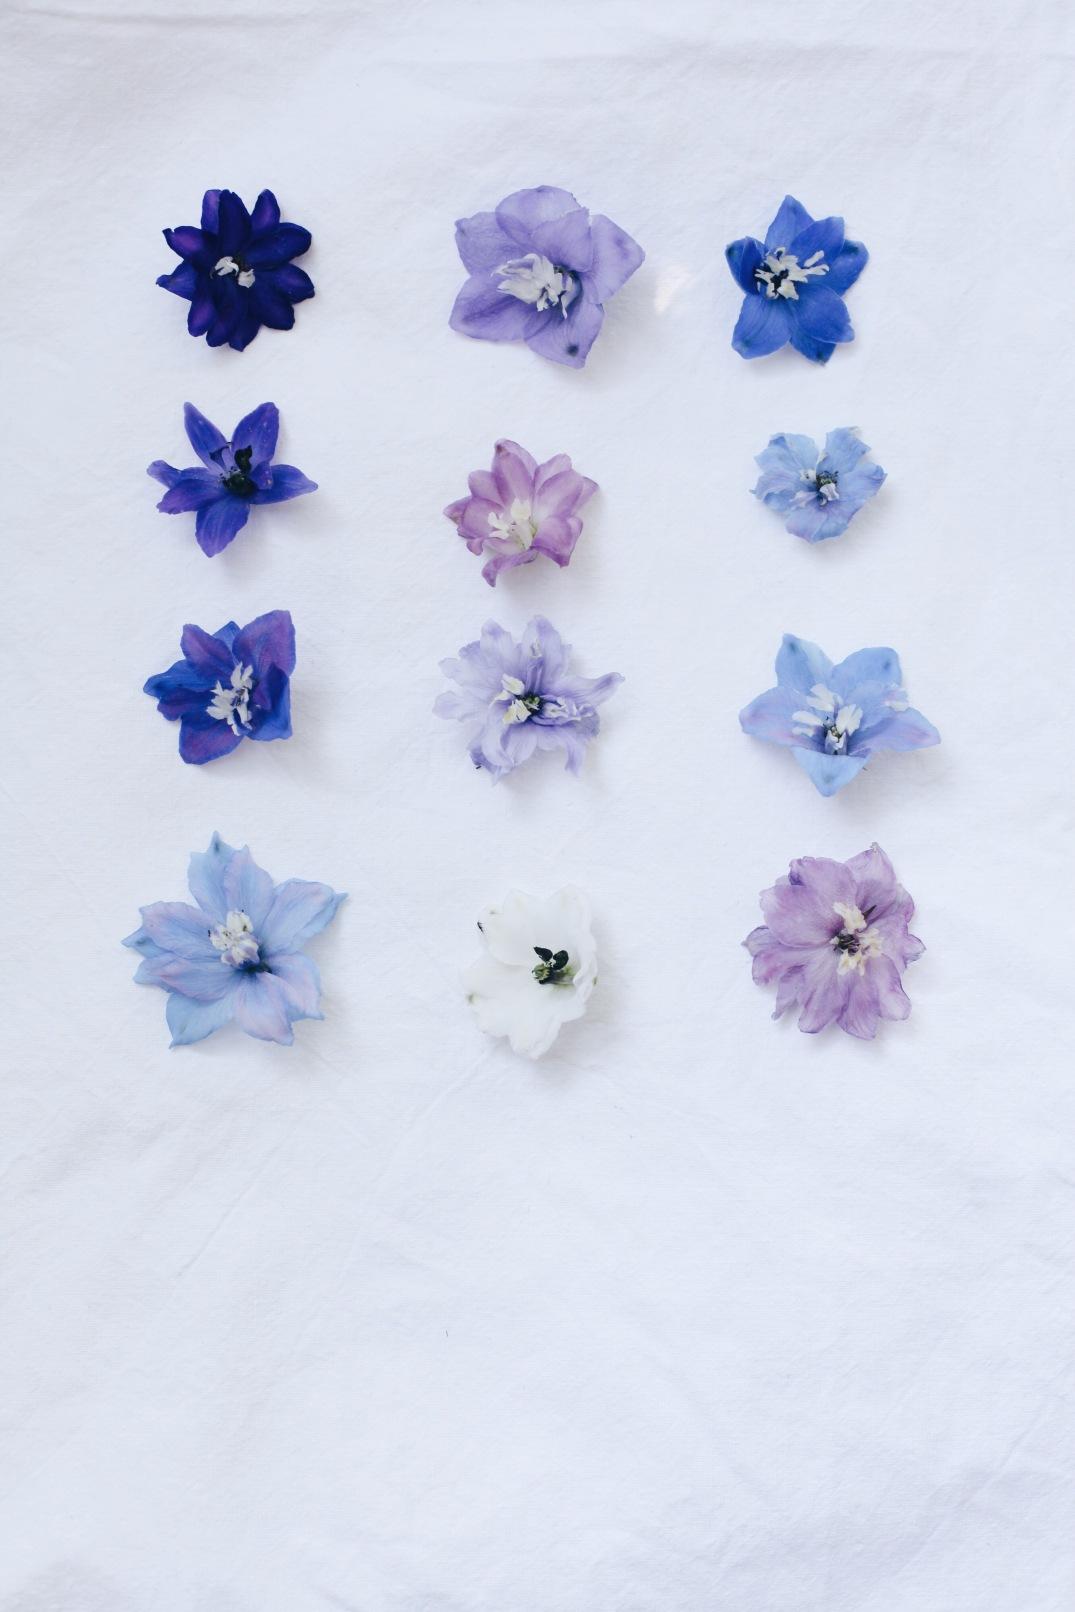 varieties of delphinium